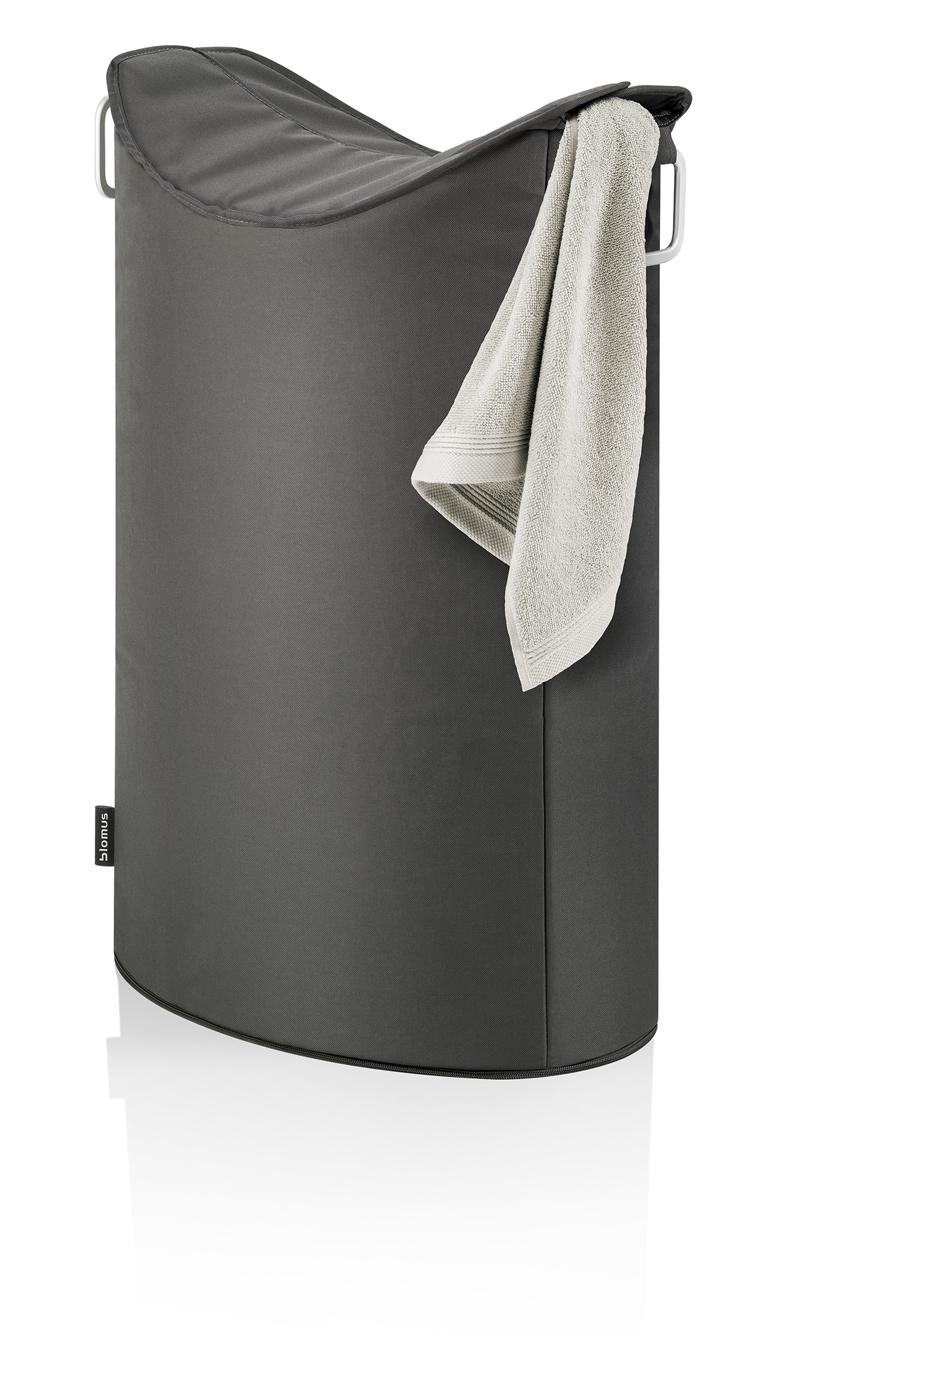 Frisco-tvättkorg-darkgrey2-brunnsboden-65384